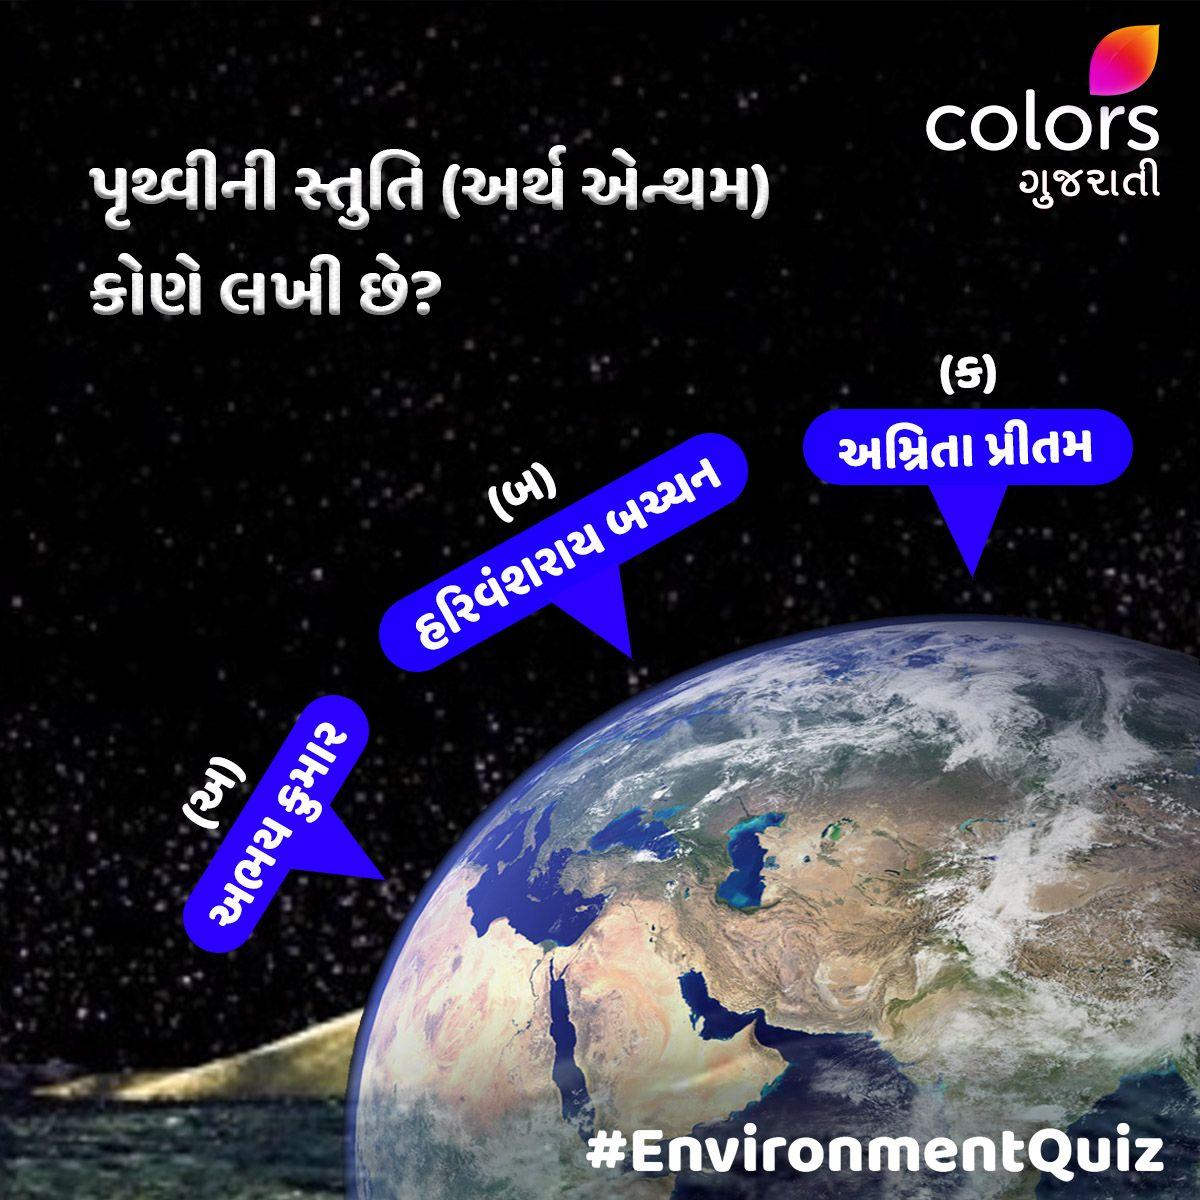 શું તમે જાણો છો કે આપણી પૃથ્વીની સત્તાવાર એન્થમ પણ છે, તે કોણે લખી છે એ જાણો છો? જણાવો તમારો જવાબ.  #Environment #EnvironmentQuiz #ColorsGujarati